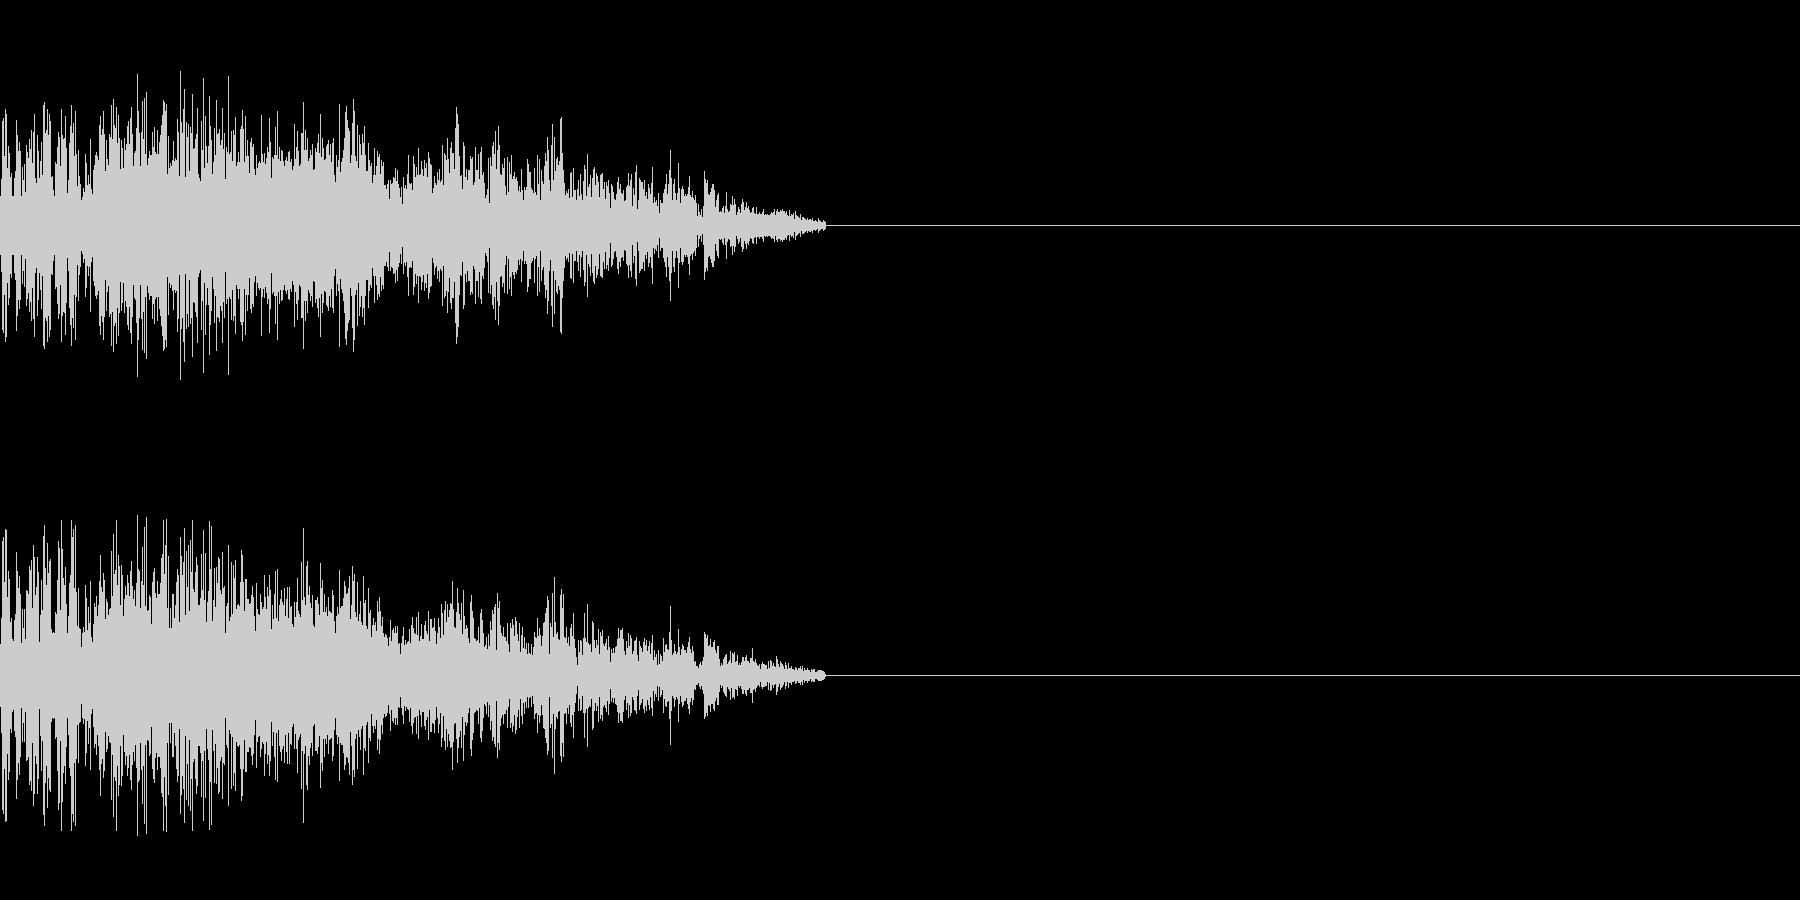 ゾンビの発声(攻撃2)の未再生の波形